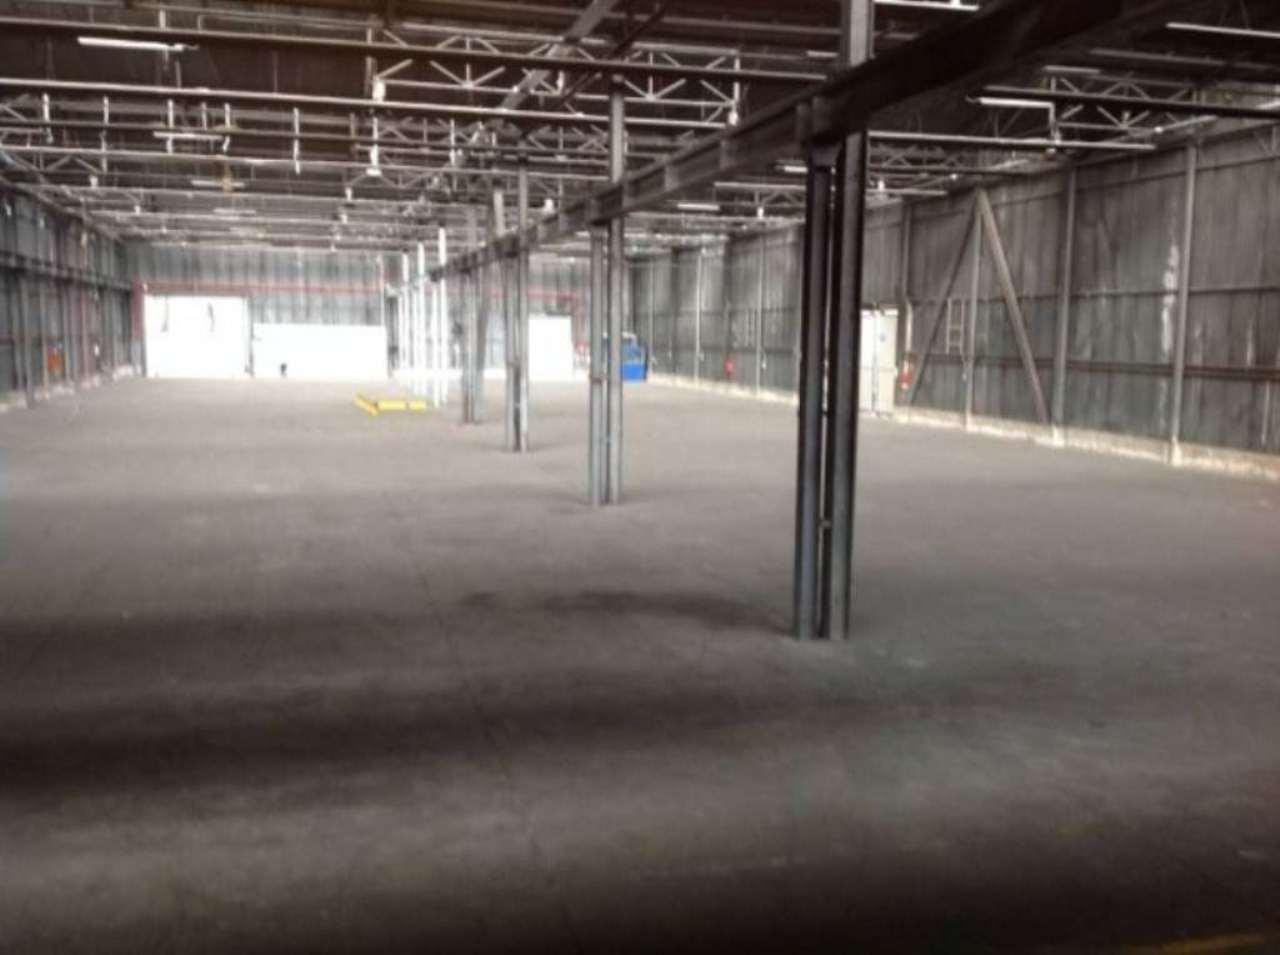 Immagine immobiliare Disponiamo nella zona industriale di Bruino capannone di 3150 mq circa composto da: 2900 mq circa area produttiva con doppio carroponte da 5 T, completo d'impianto elettrico, tre accesi carrai con servizi igienici e spogliatoi, palazzina uffici di...